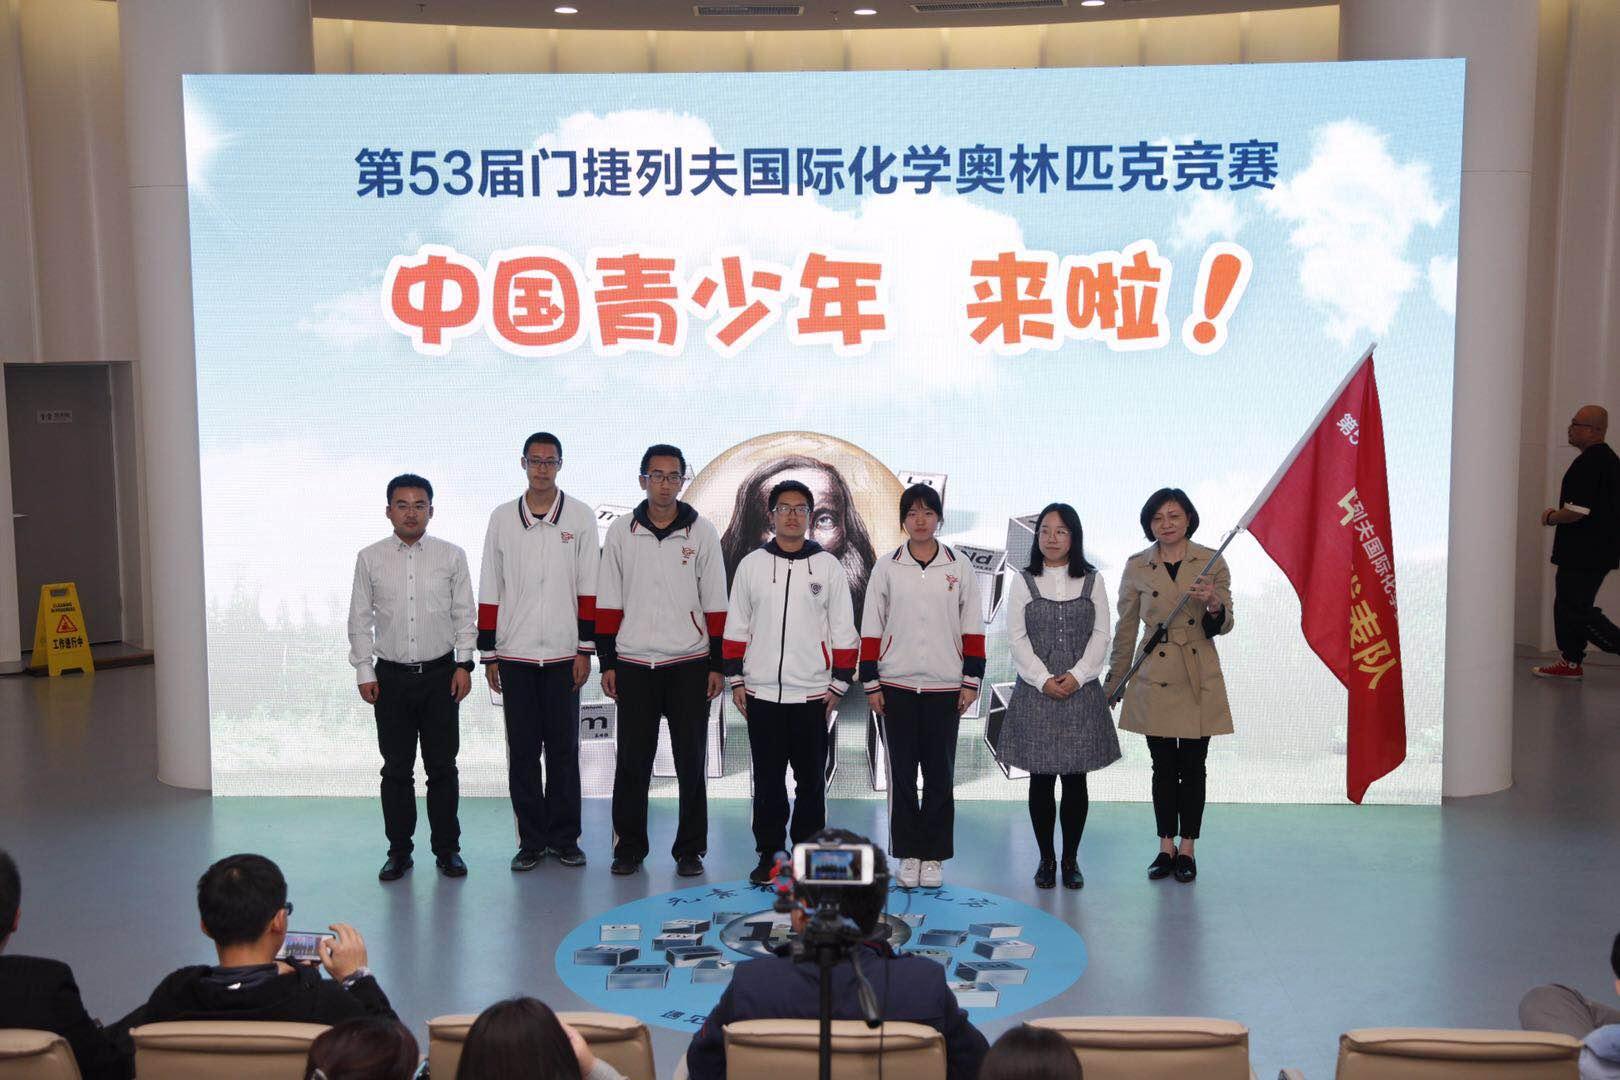 元素周期律发现150年,中国首次派队参加门捷列夫竞赛